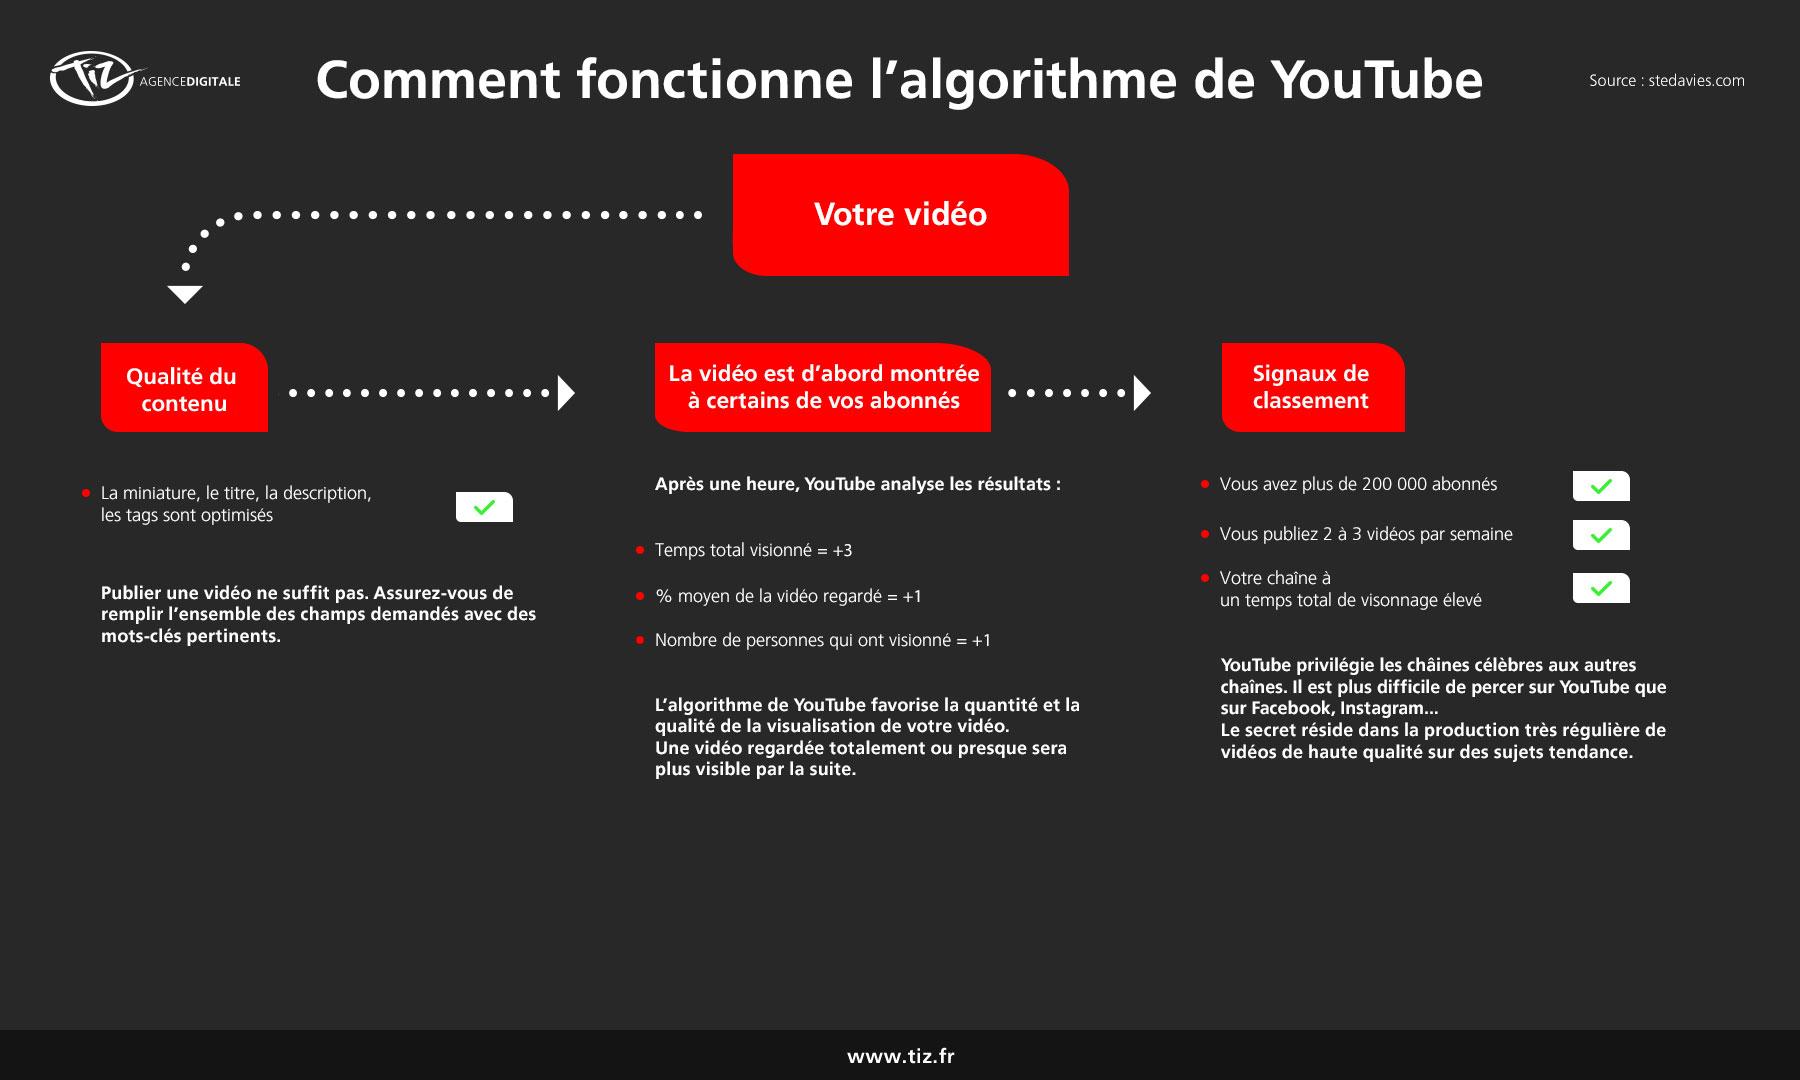 Comment fonctionne l'algorithme de YouTube